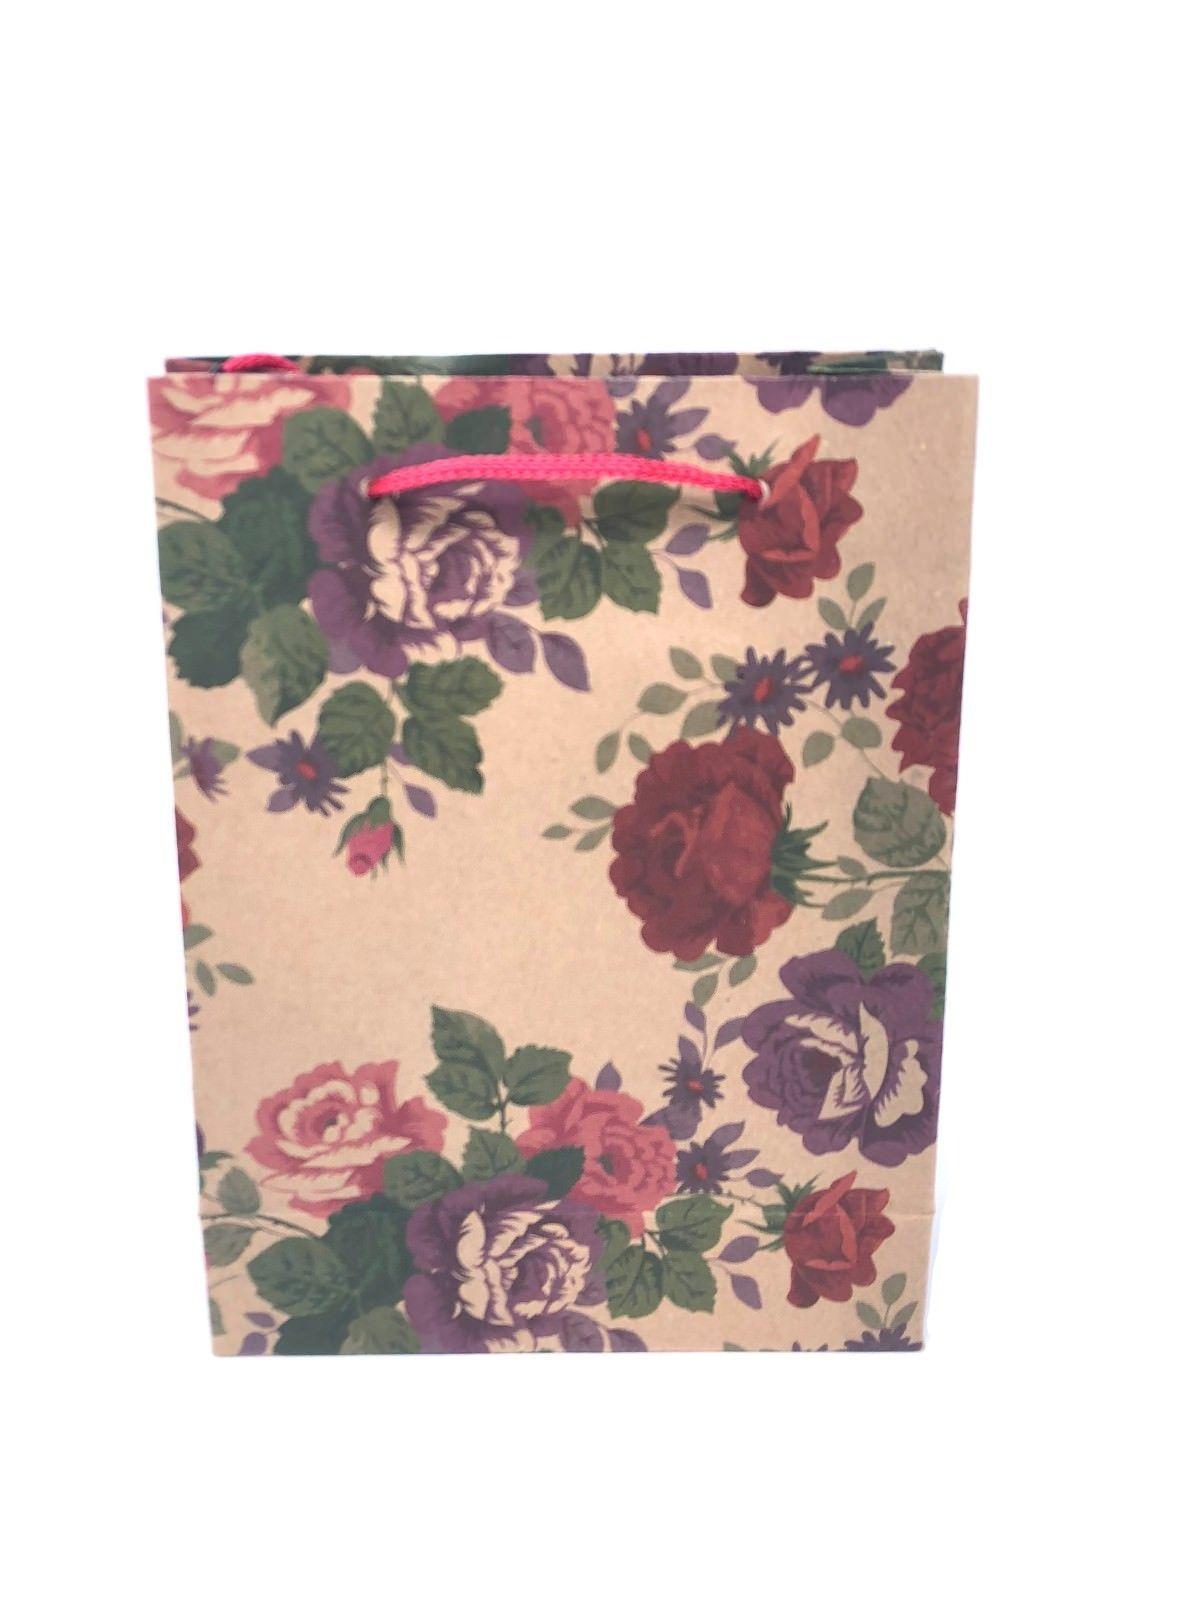 Paquete De 12 Natural Marrón Floral Mariposas Estampado Bolsas de Regalo por mayor comprar a granel